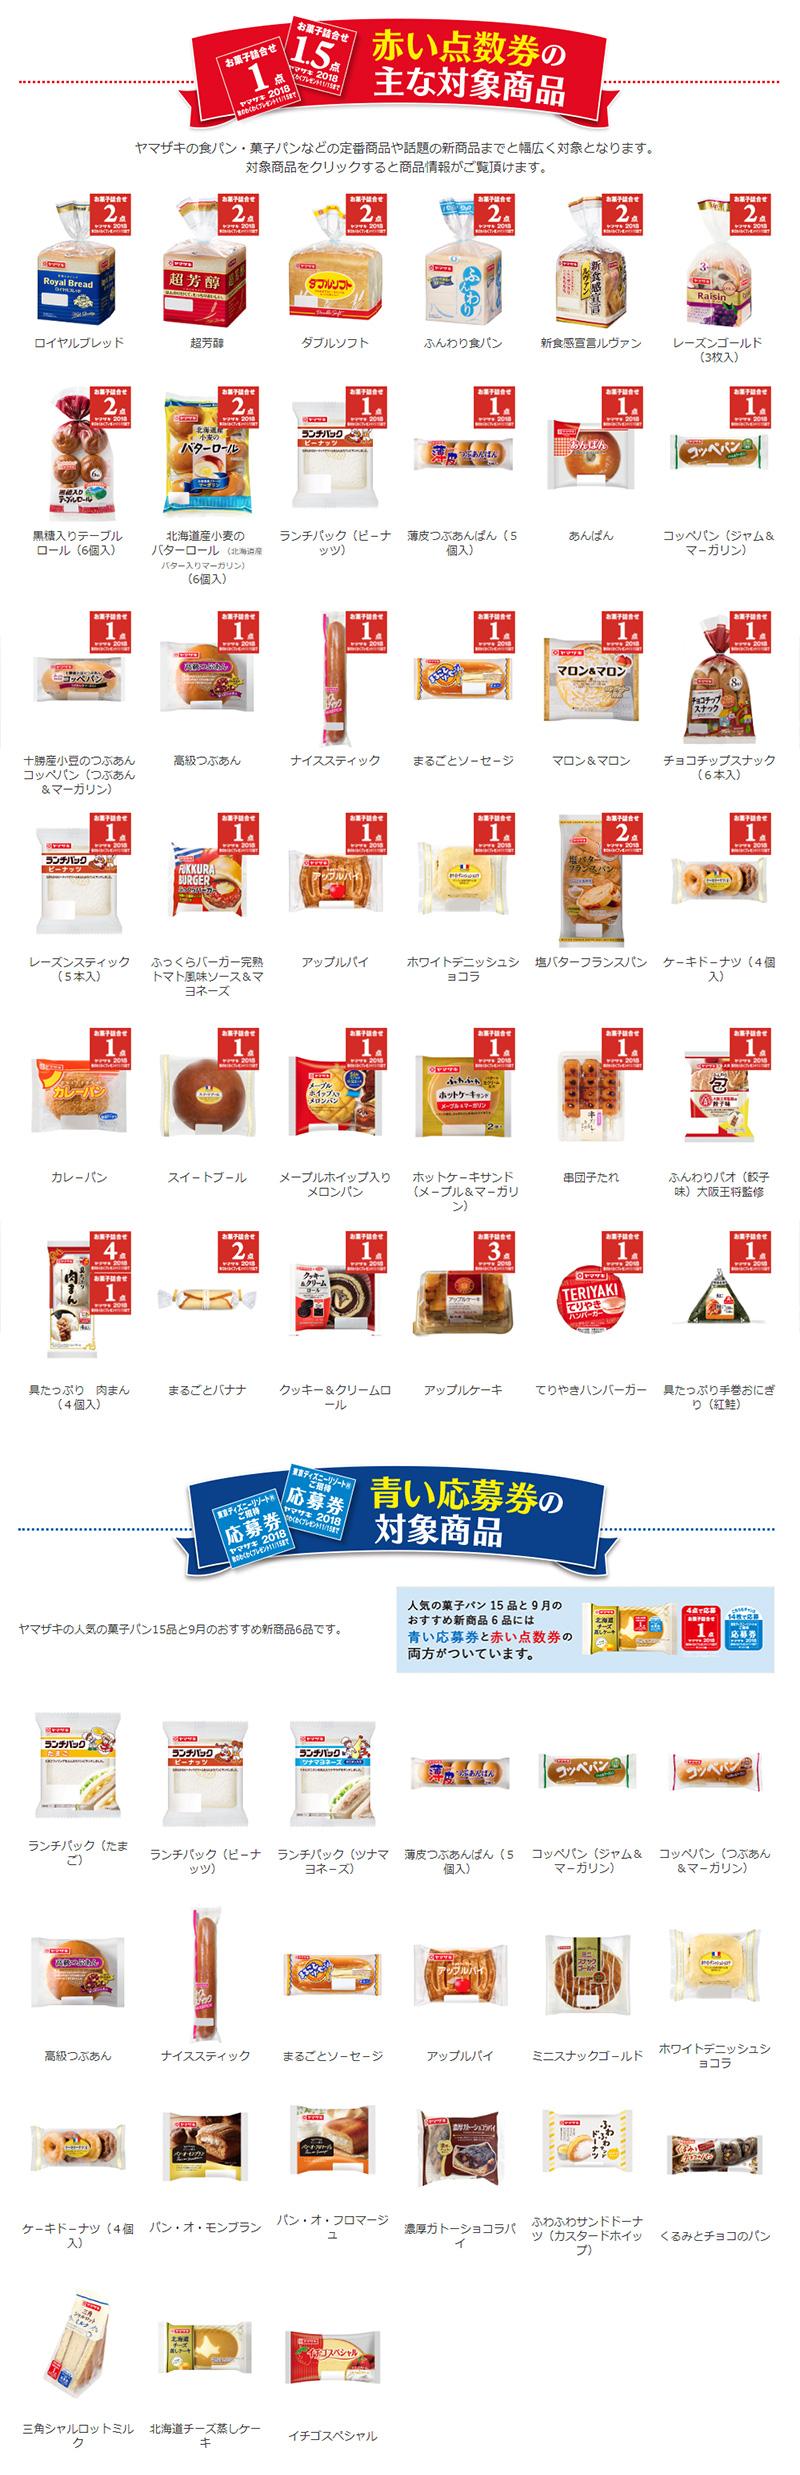 ヤマザキパン 懸賞キャンペーン2018秋 対象商品